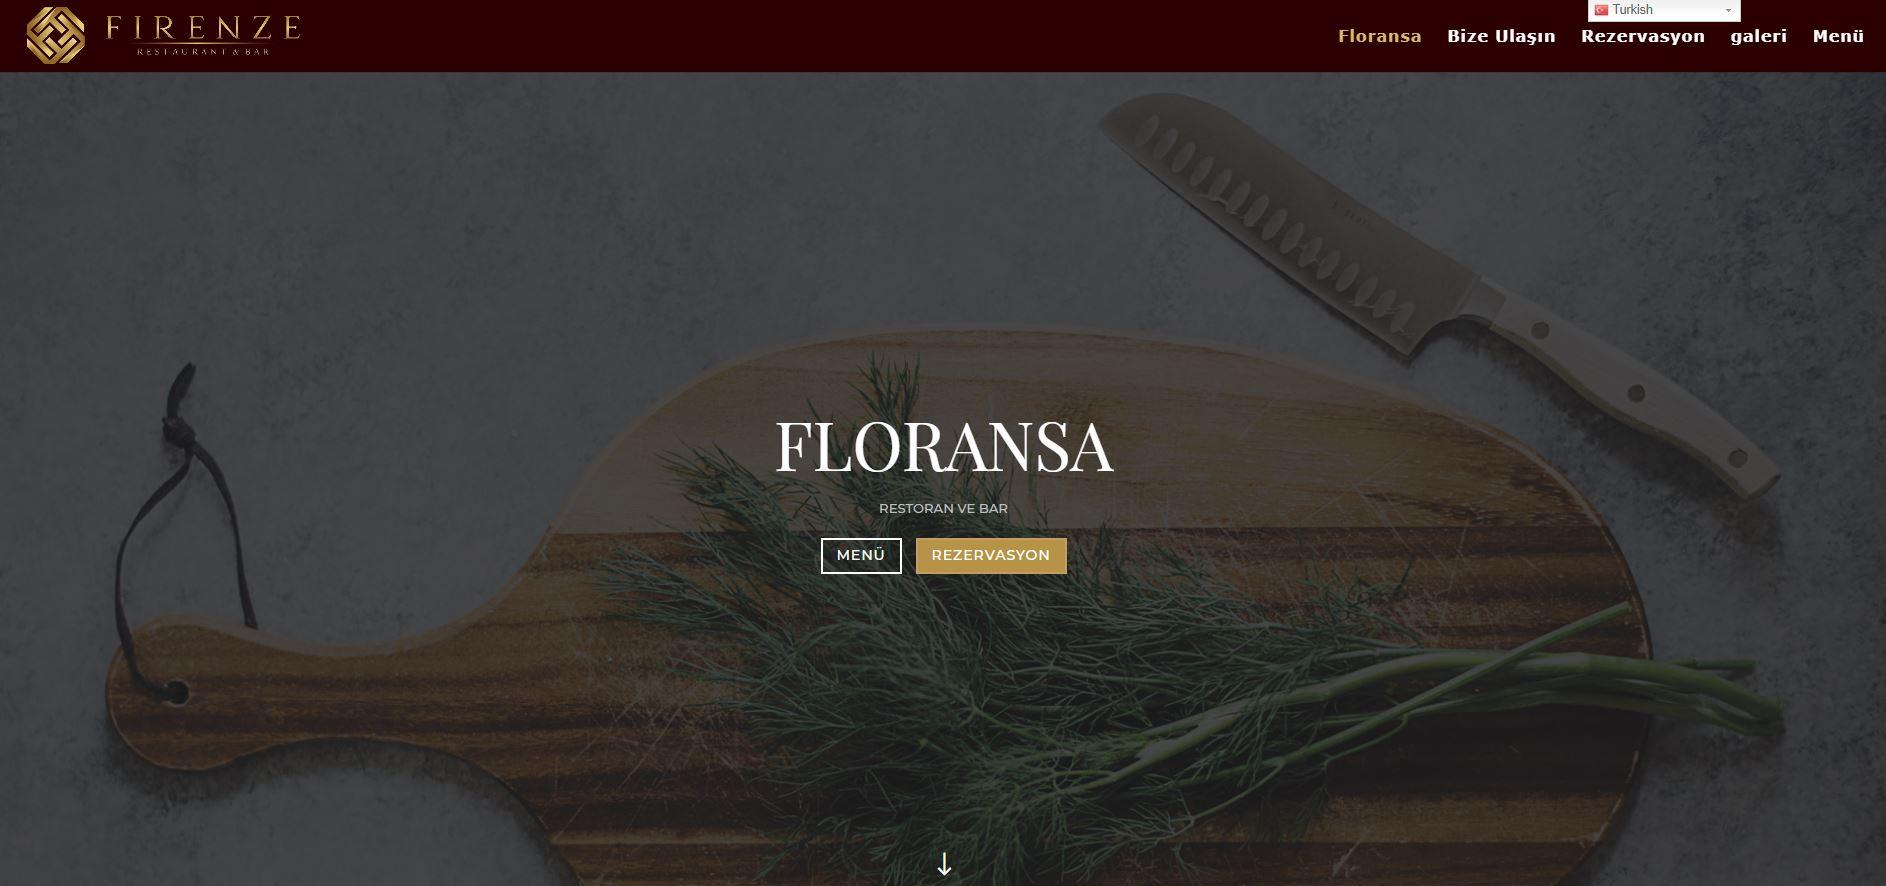 webleniyorum Floransa proje